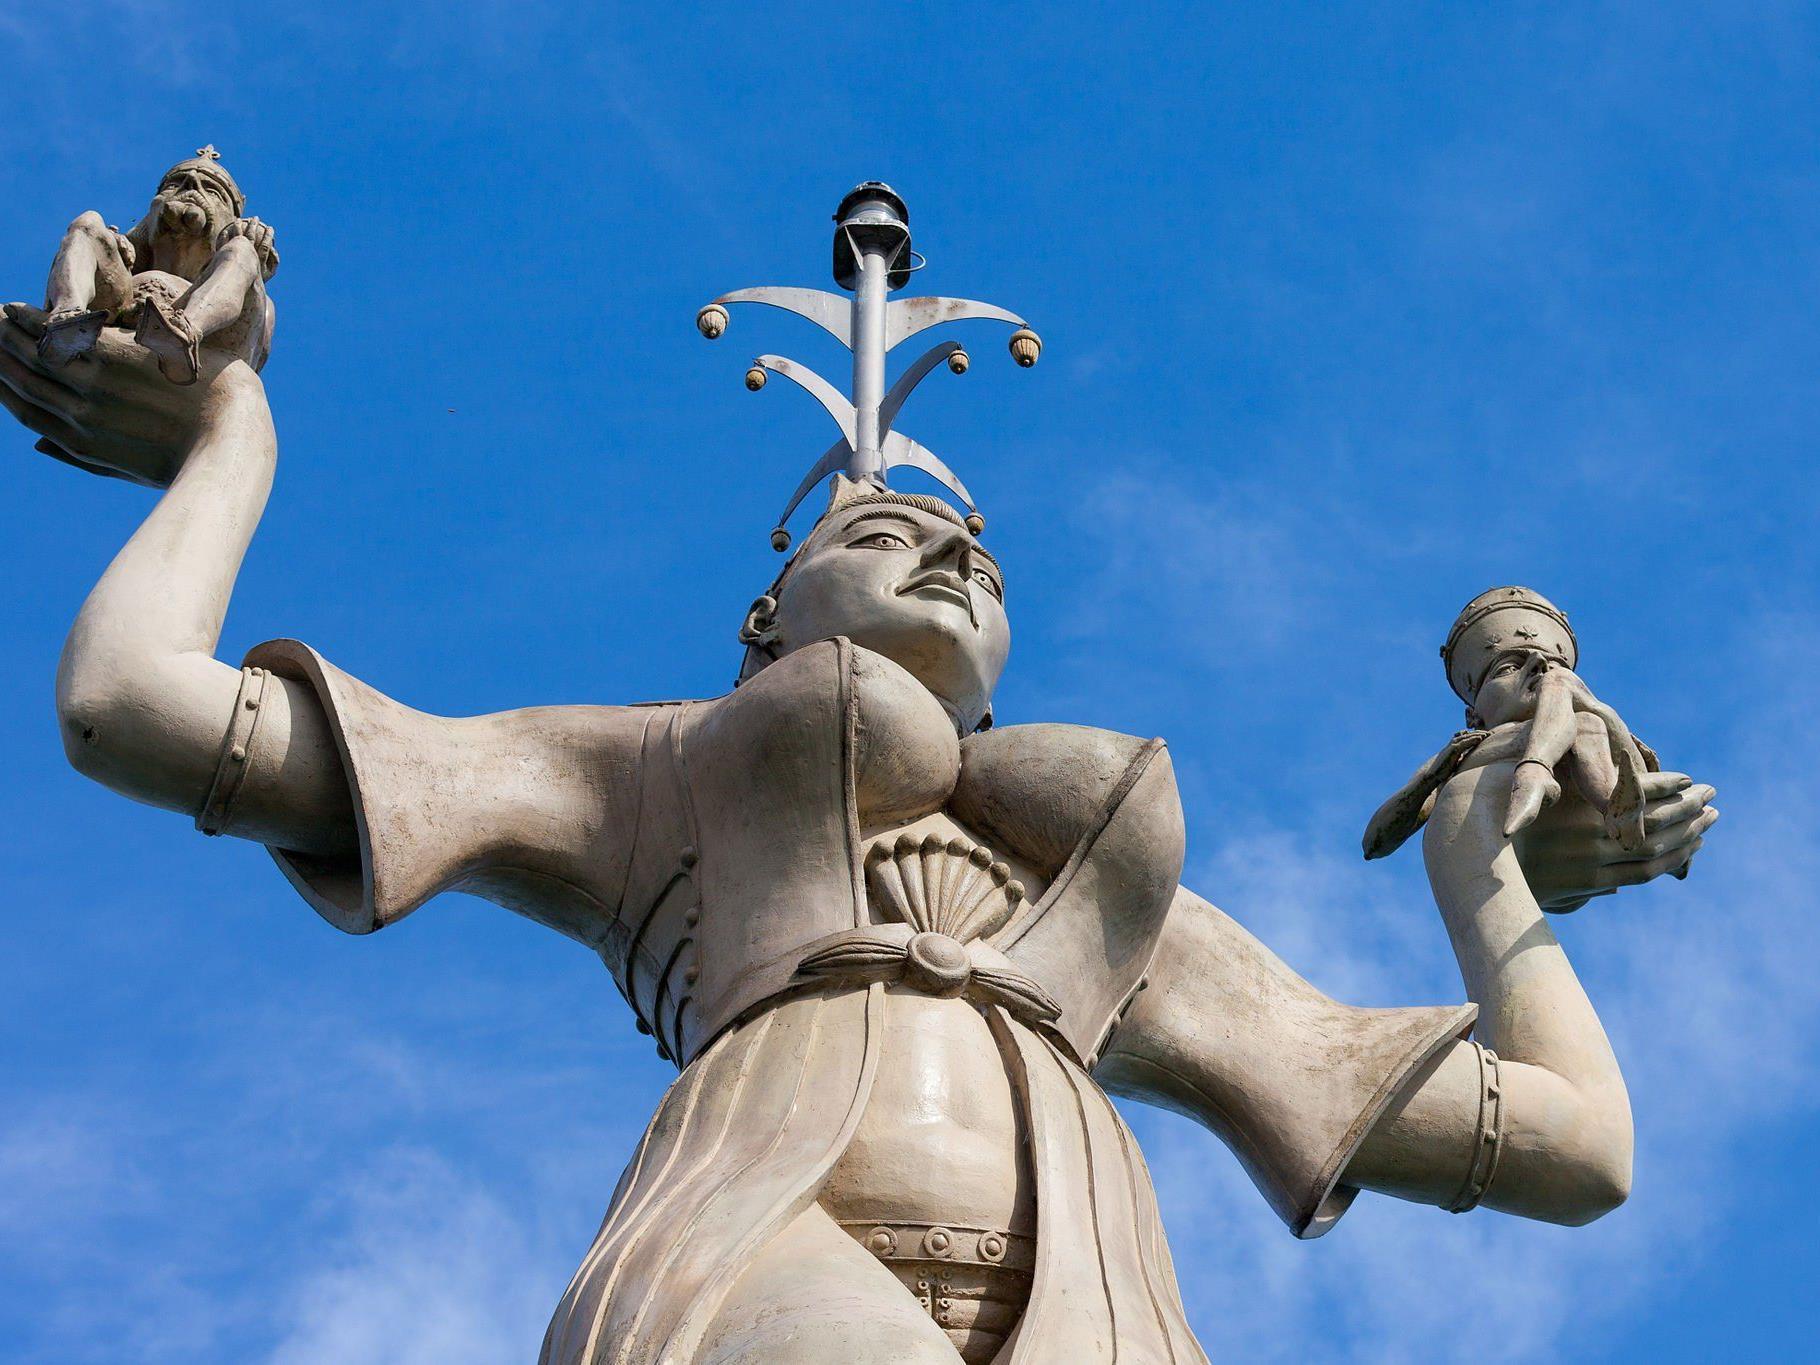 Die Imperia ist eine Statue im Hafen von Konstanz am Bodensee, entworfen und ausgeführt von dem Bildhauer Peter Lenk und 1993 aufgestellt. Die Figur ist aus Beton gegossen, neun Meter hoch, 18 Tonnen schwer